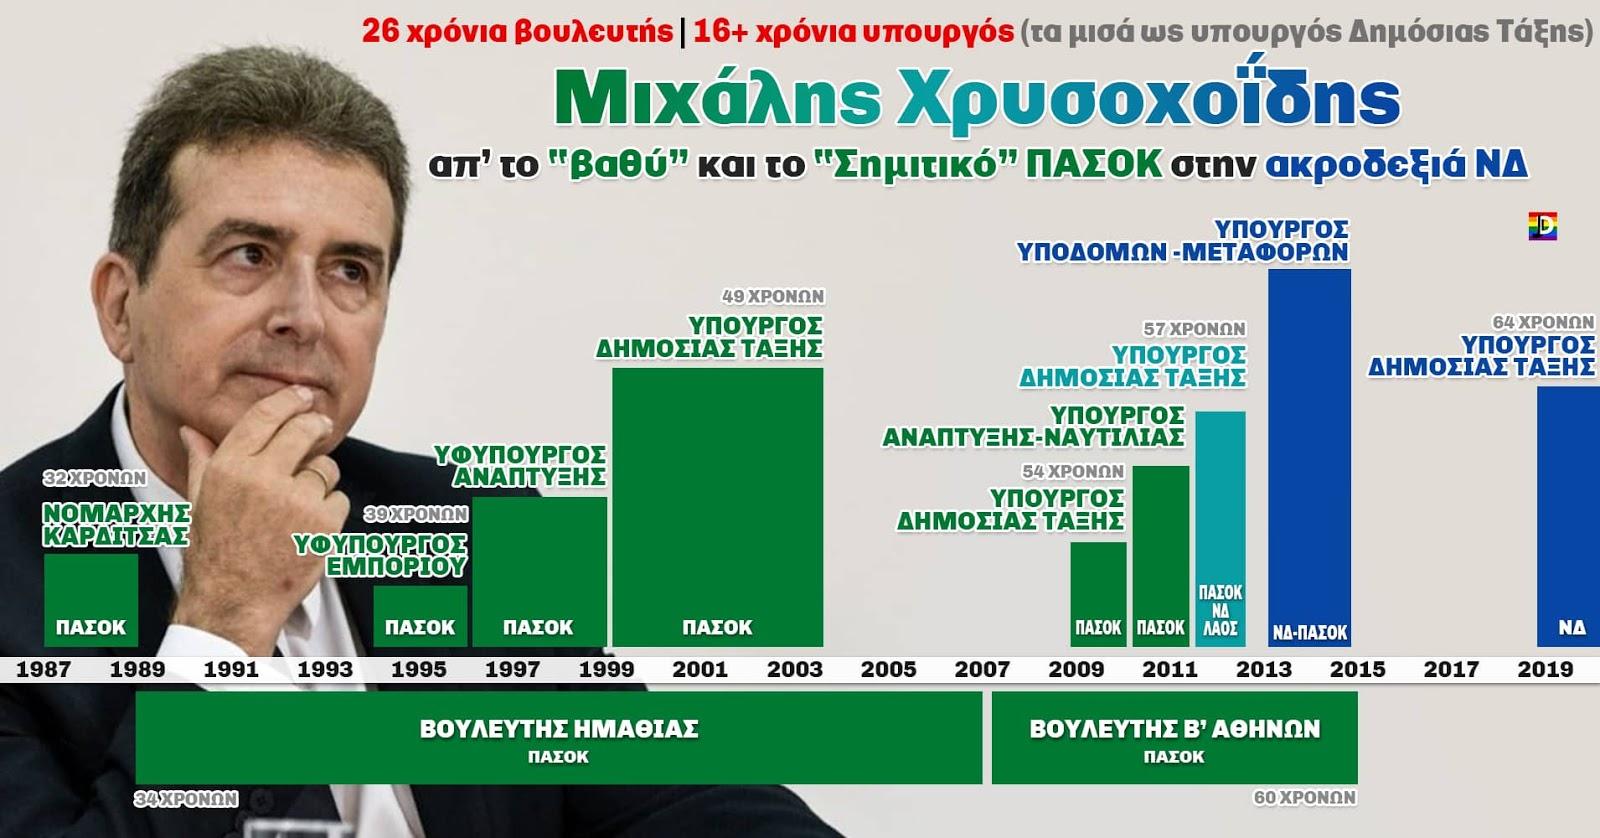 Ο ελληνικός λαός πληρώνει επί 32 χρόνια τον Μιχάλη Χρυσοχοΐδη